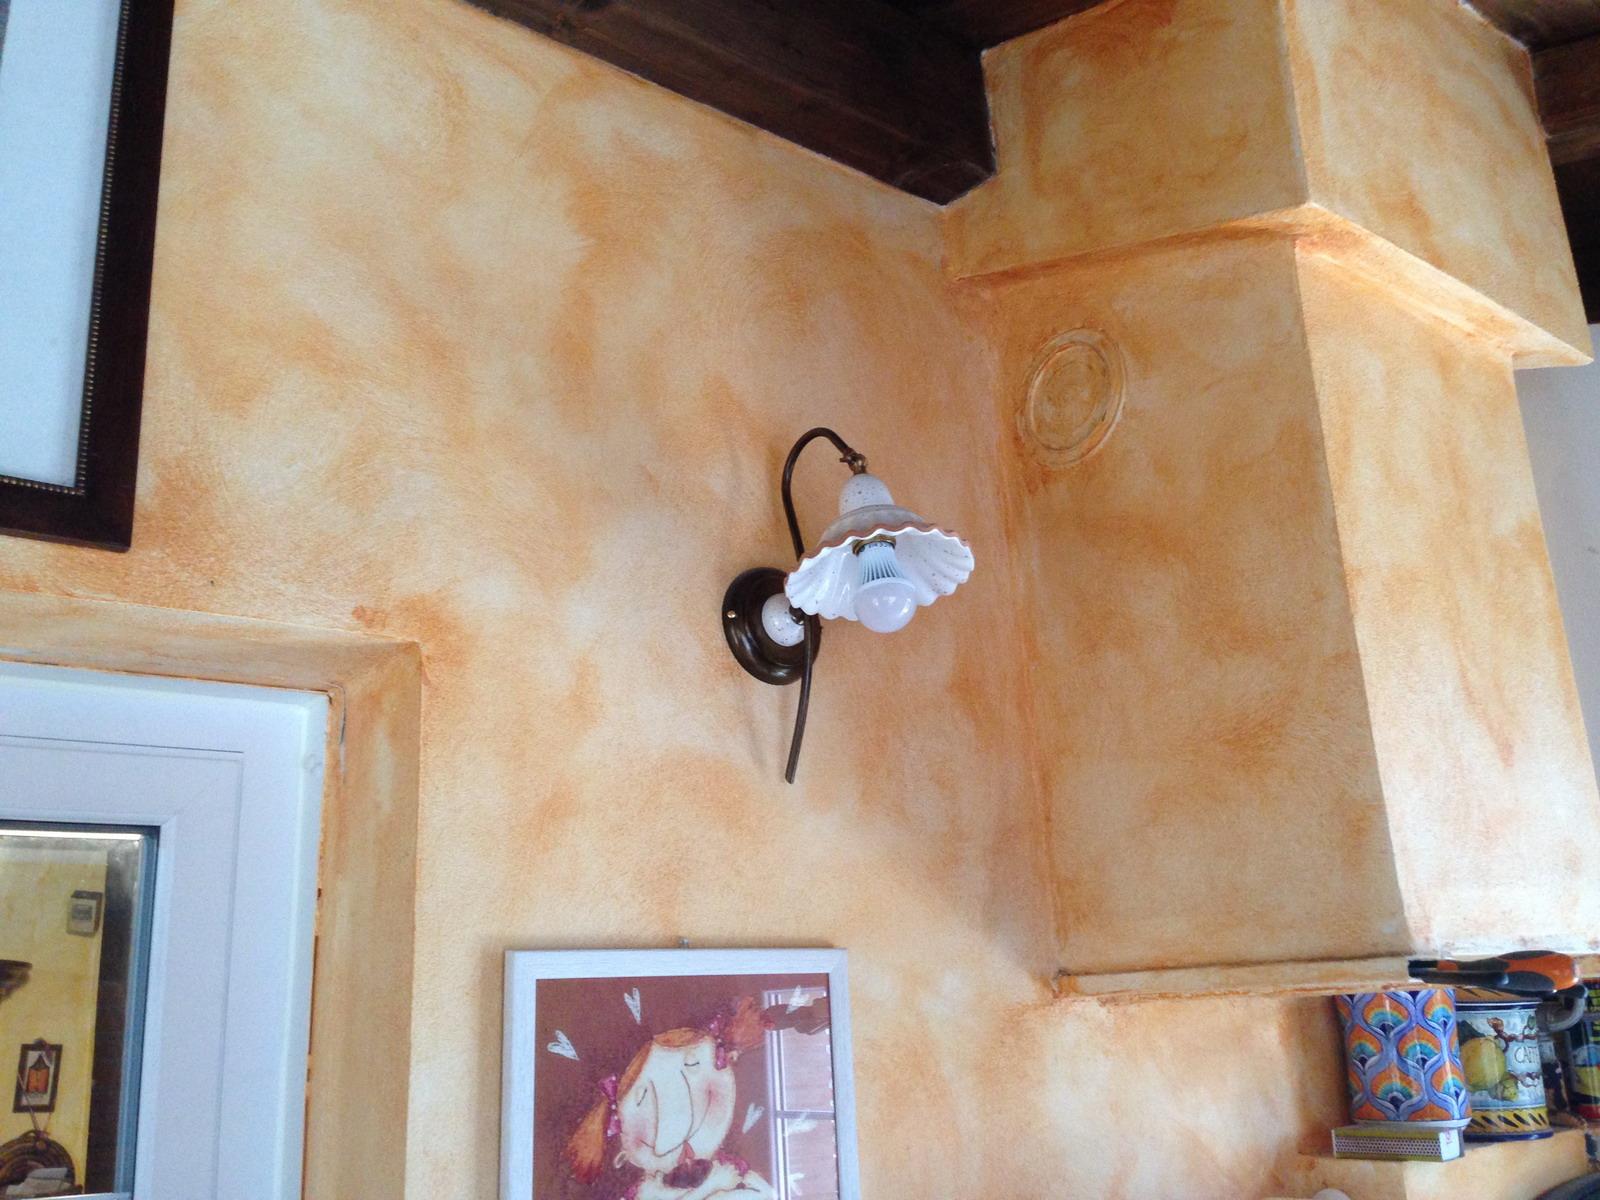 Plafoniere Led Per Taverna : Taverna illuminazione lampadari e applique in ceramica